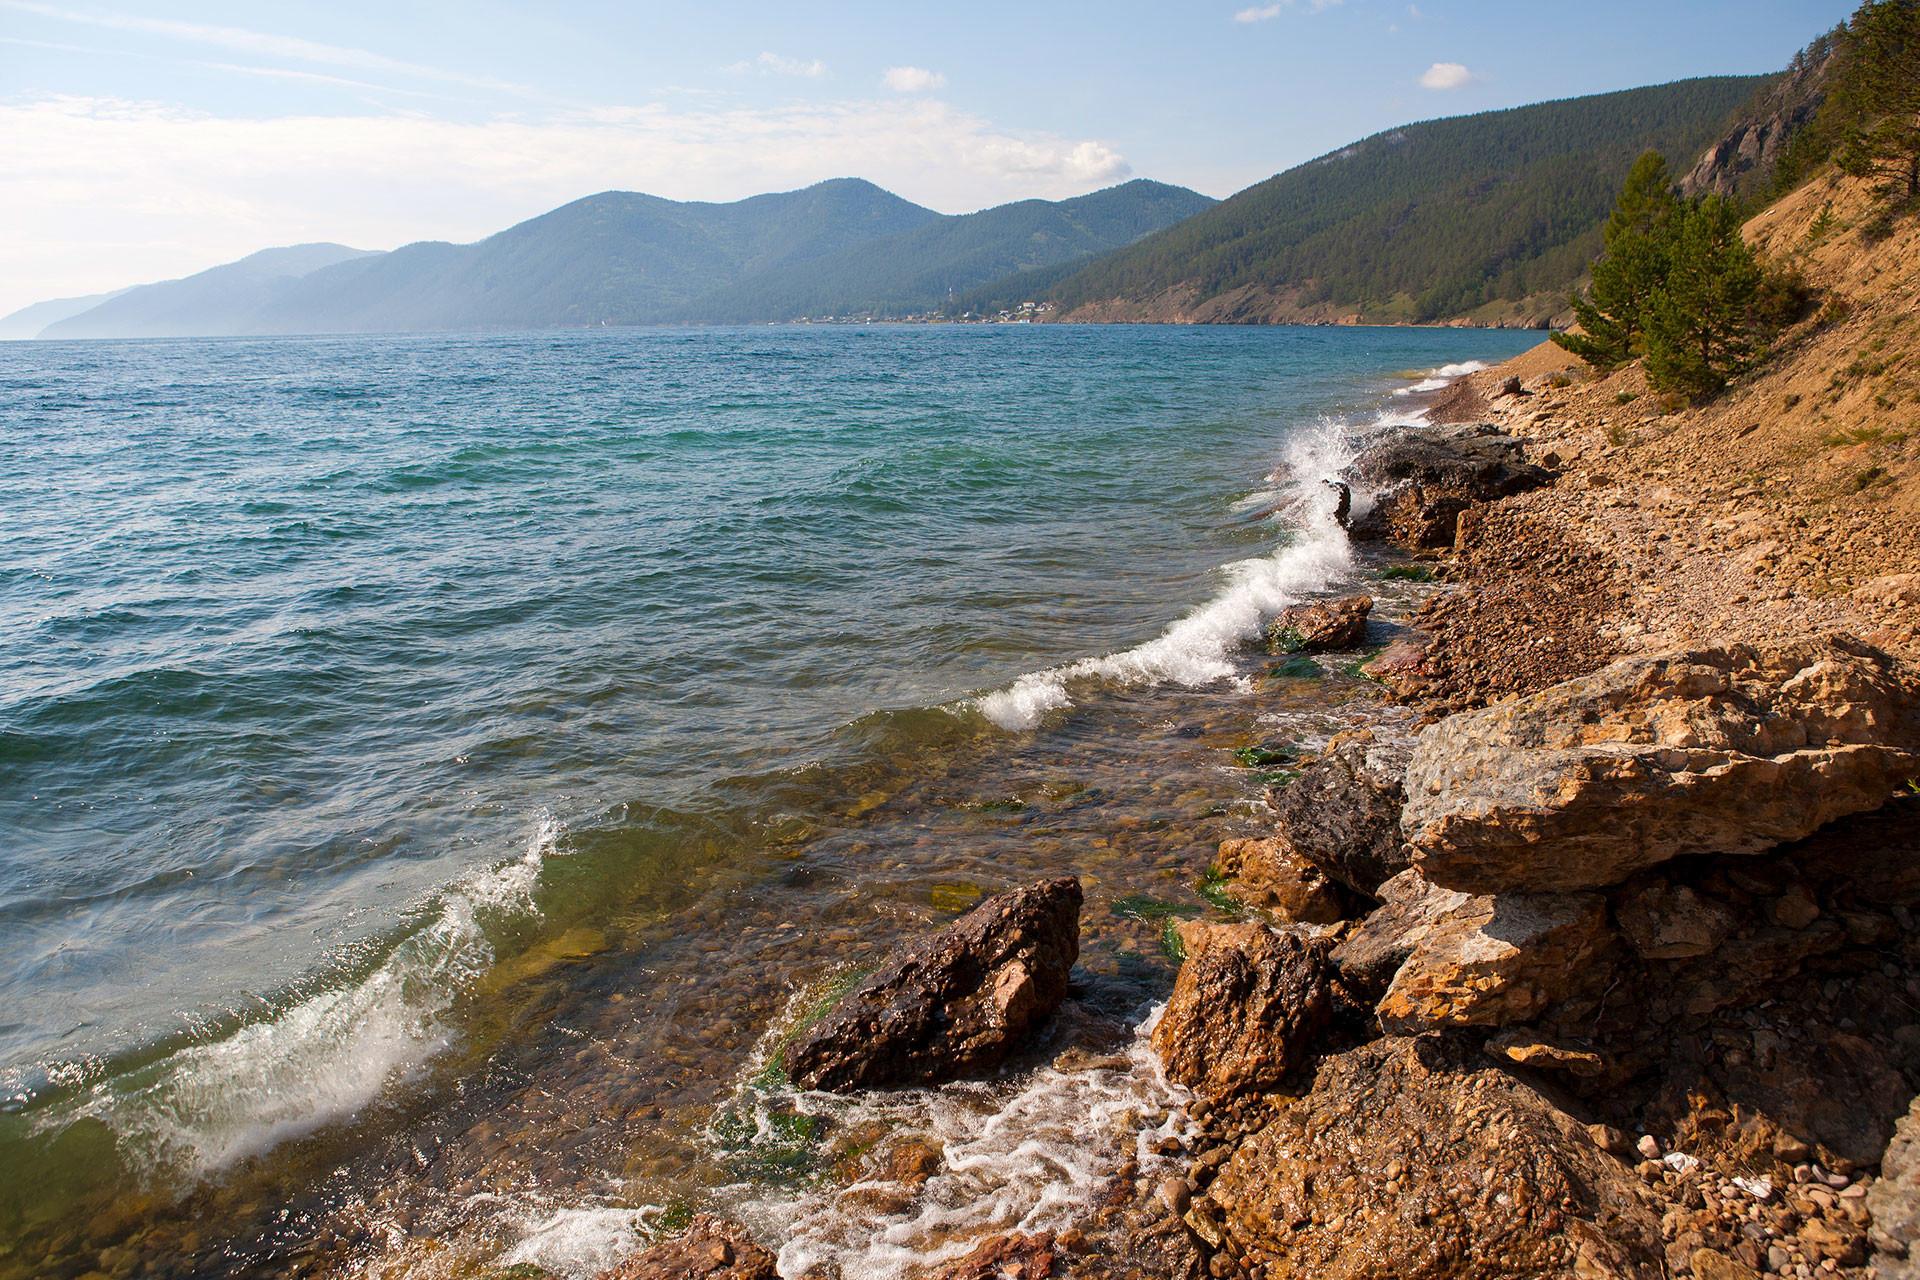 Secara volume, Baikal adalah danau air tawar terbesar di dunia. Jadi, Anda patut mengunjunginya setidaknya sekali seumur hidup.